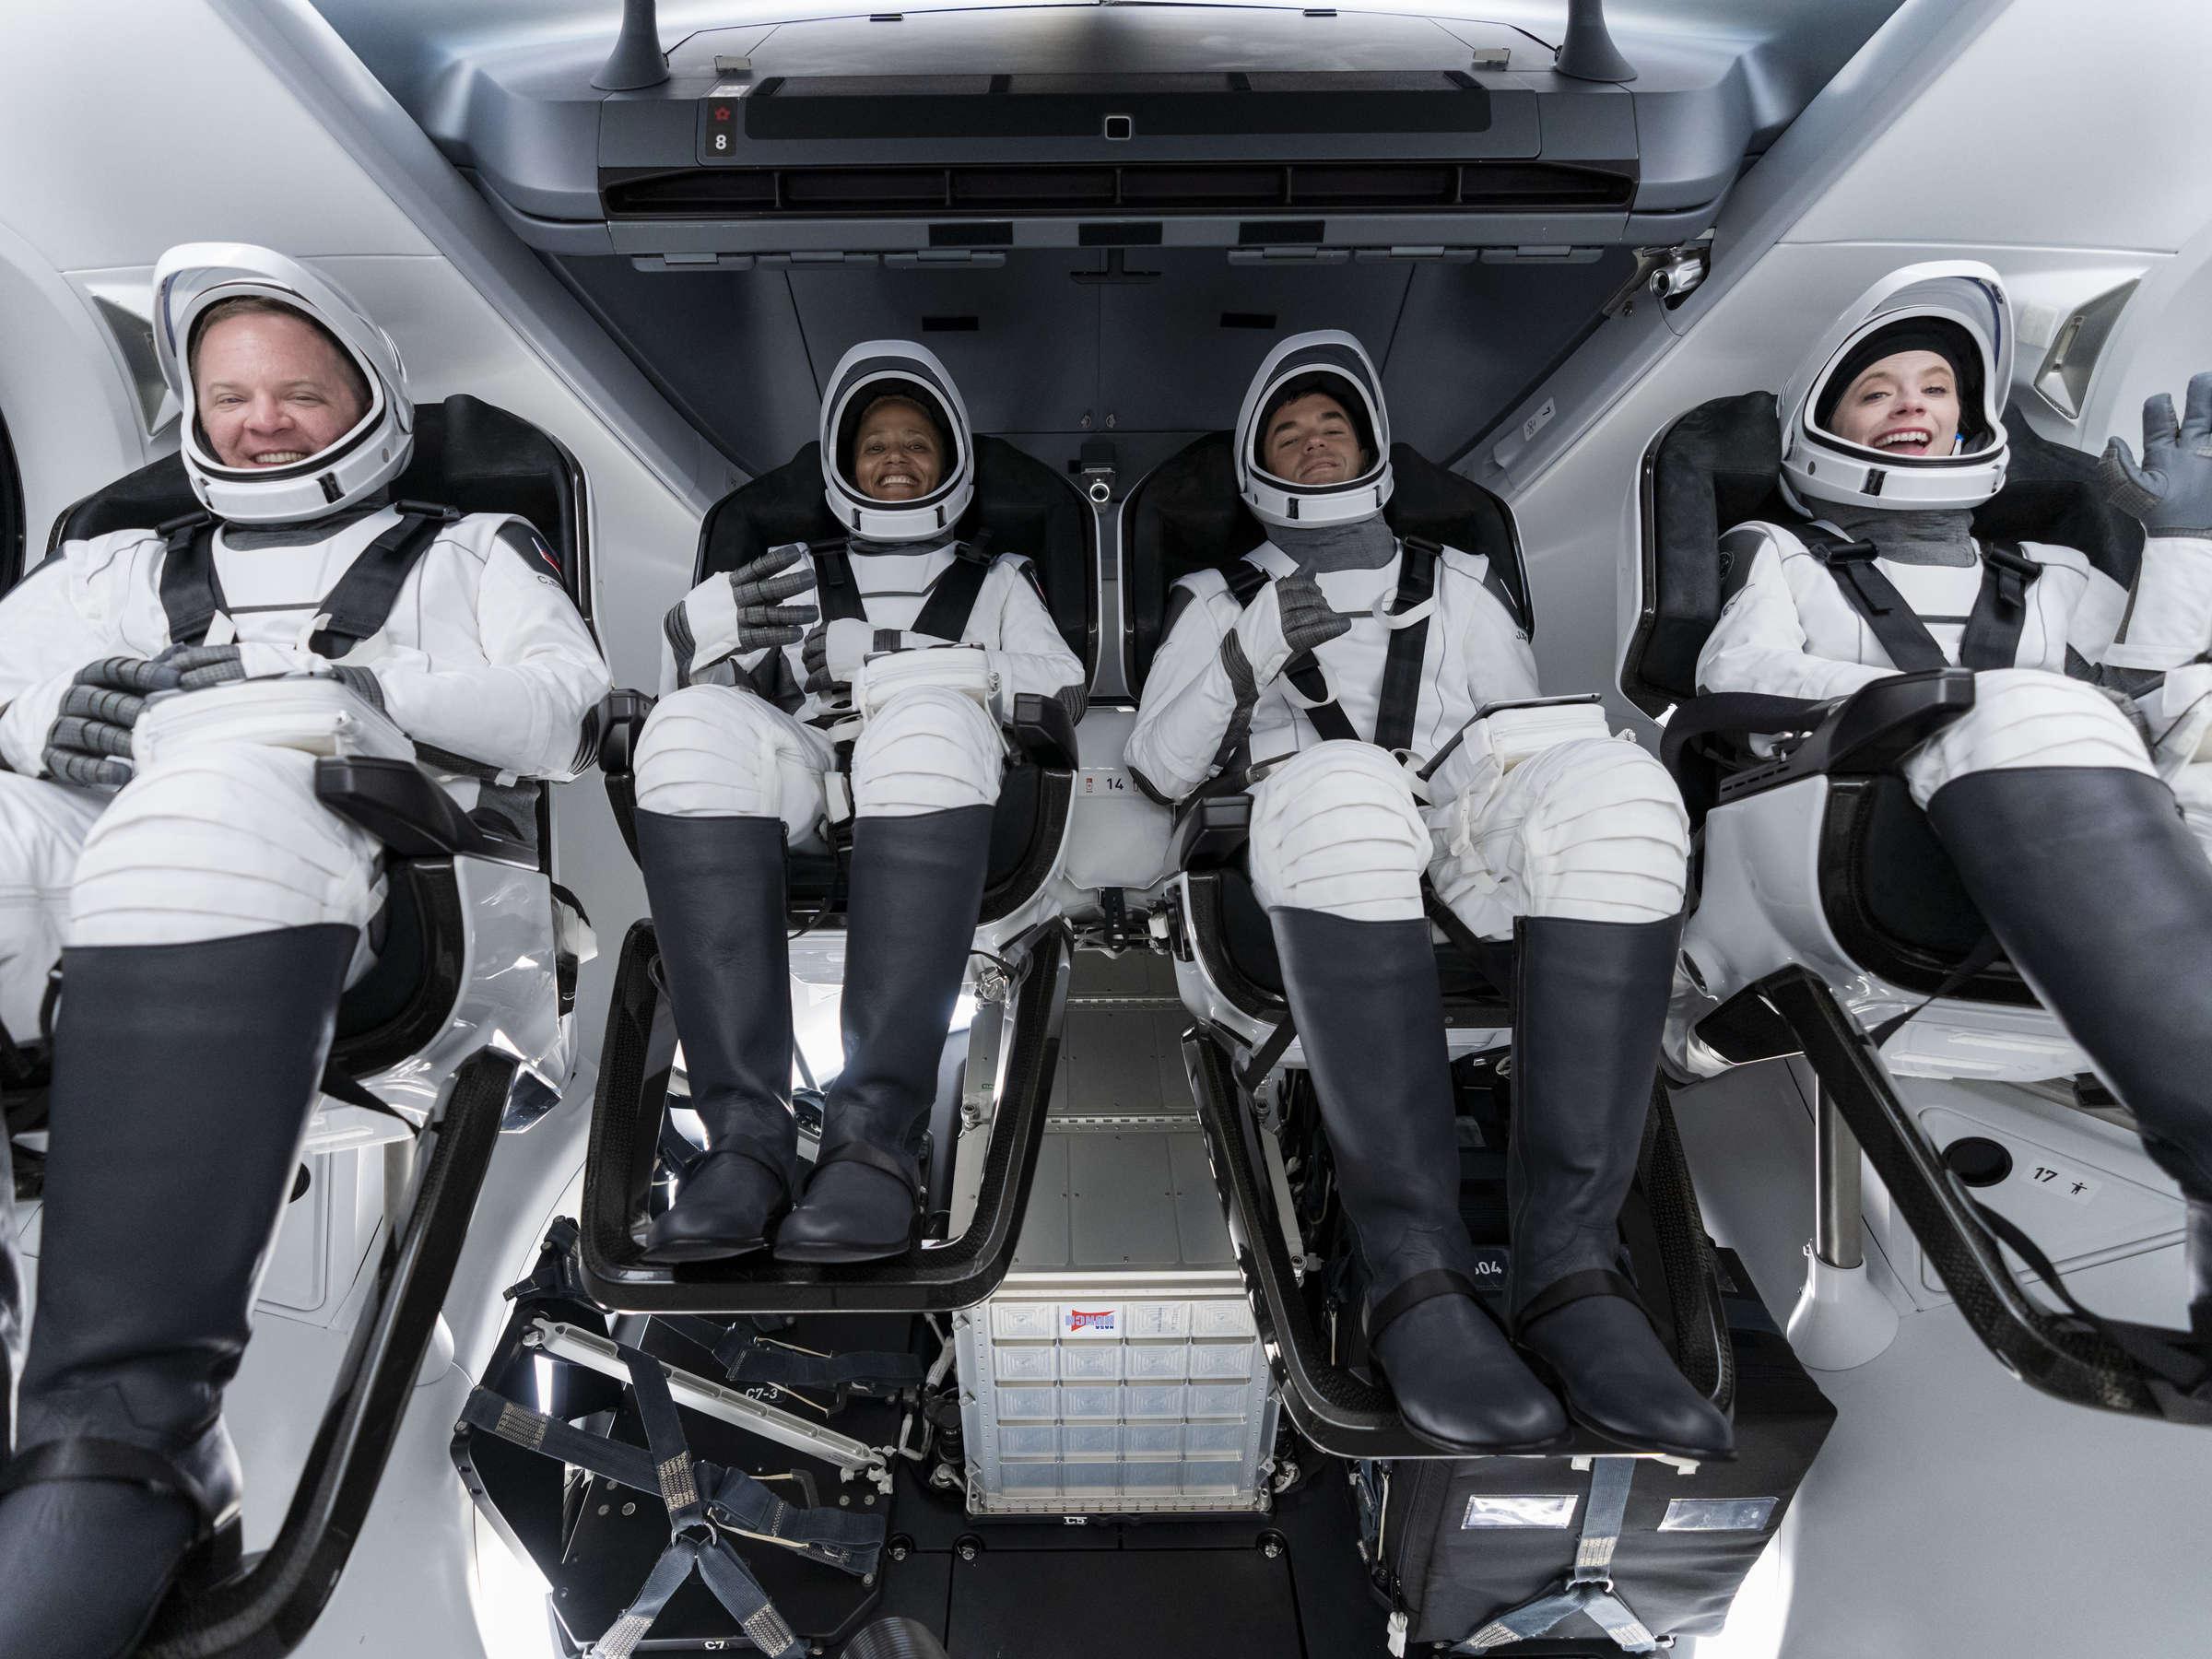 اولین سفر فضایی چهار شهروند عادی با موشک اسپیس ایکس به فضا [تماشاکنید]